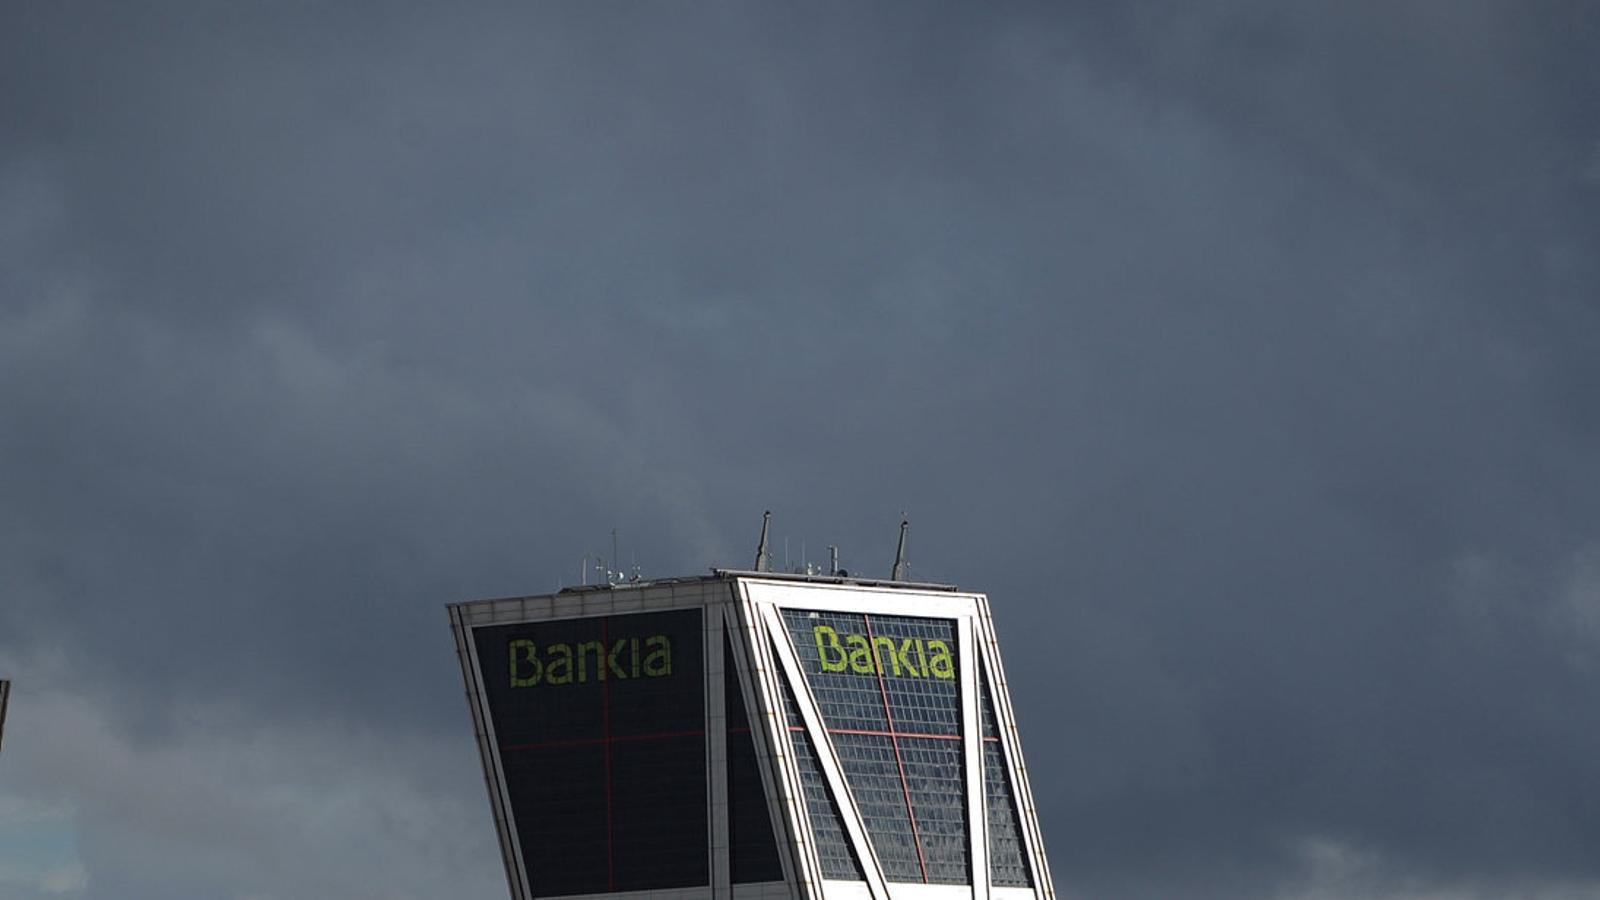 La troica va establir que l'Estat s'havia de vendre Bankia el 2017, però el govern ho ha anat posposant i ara el termini per fer-ho és el 2021.